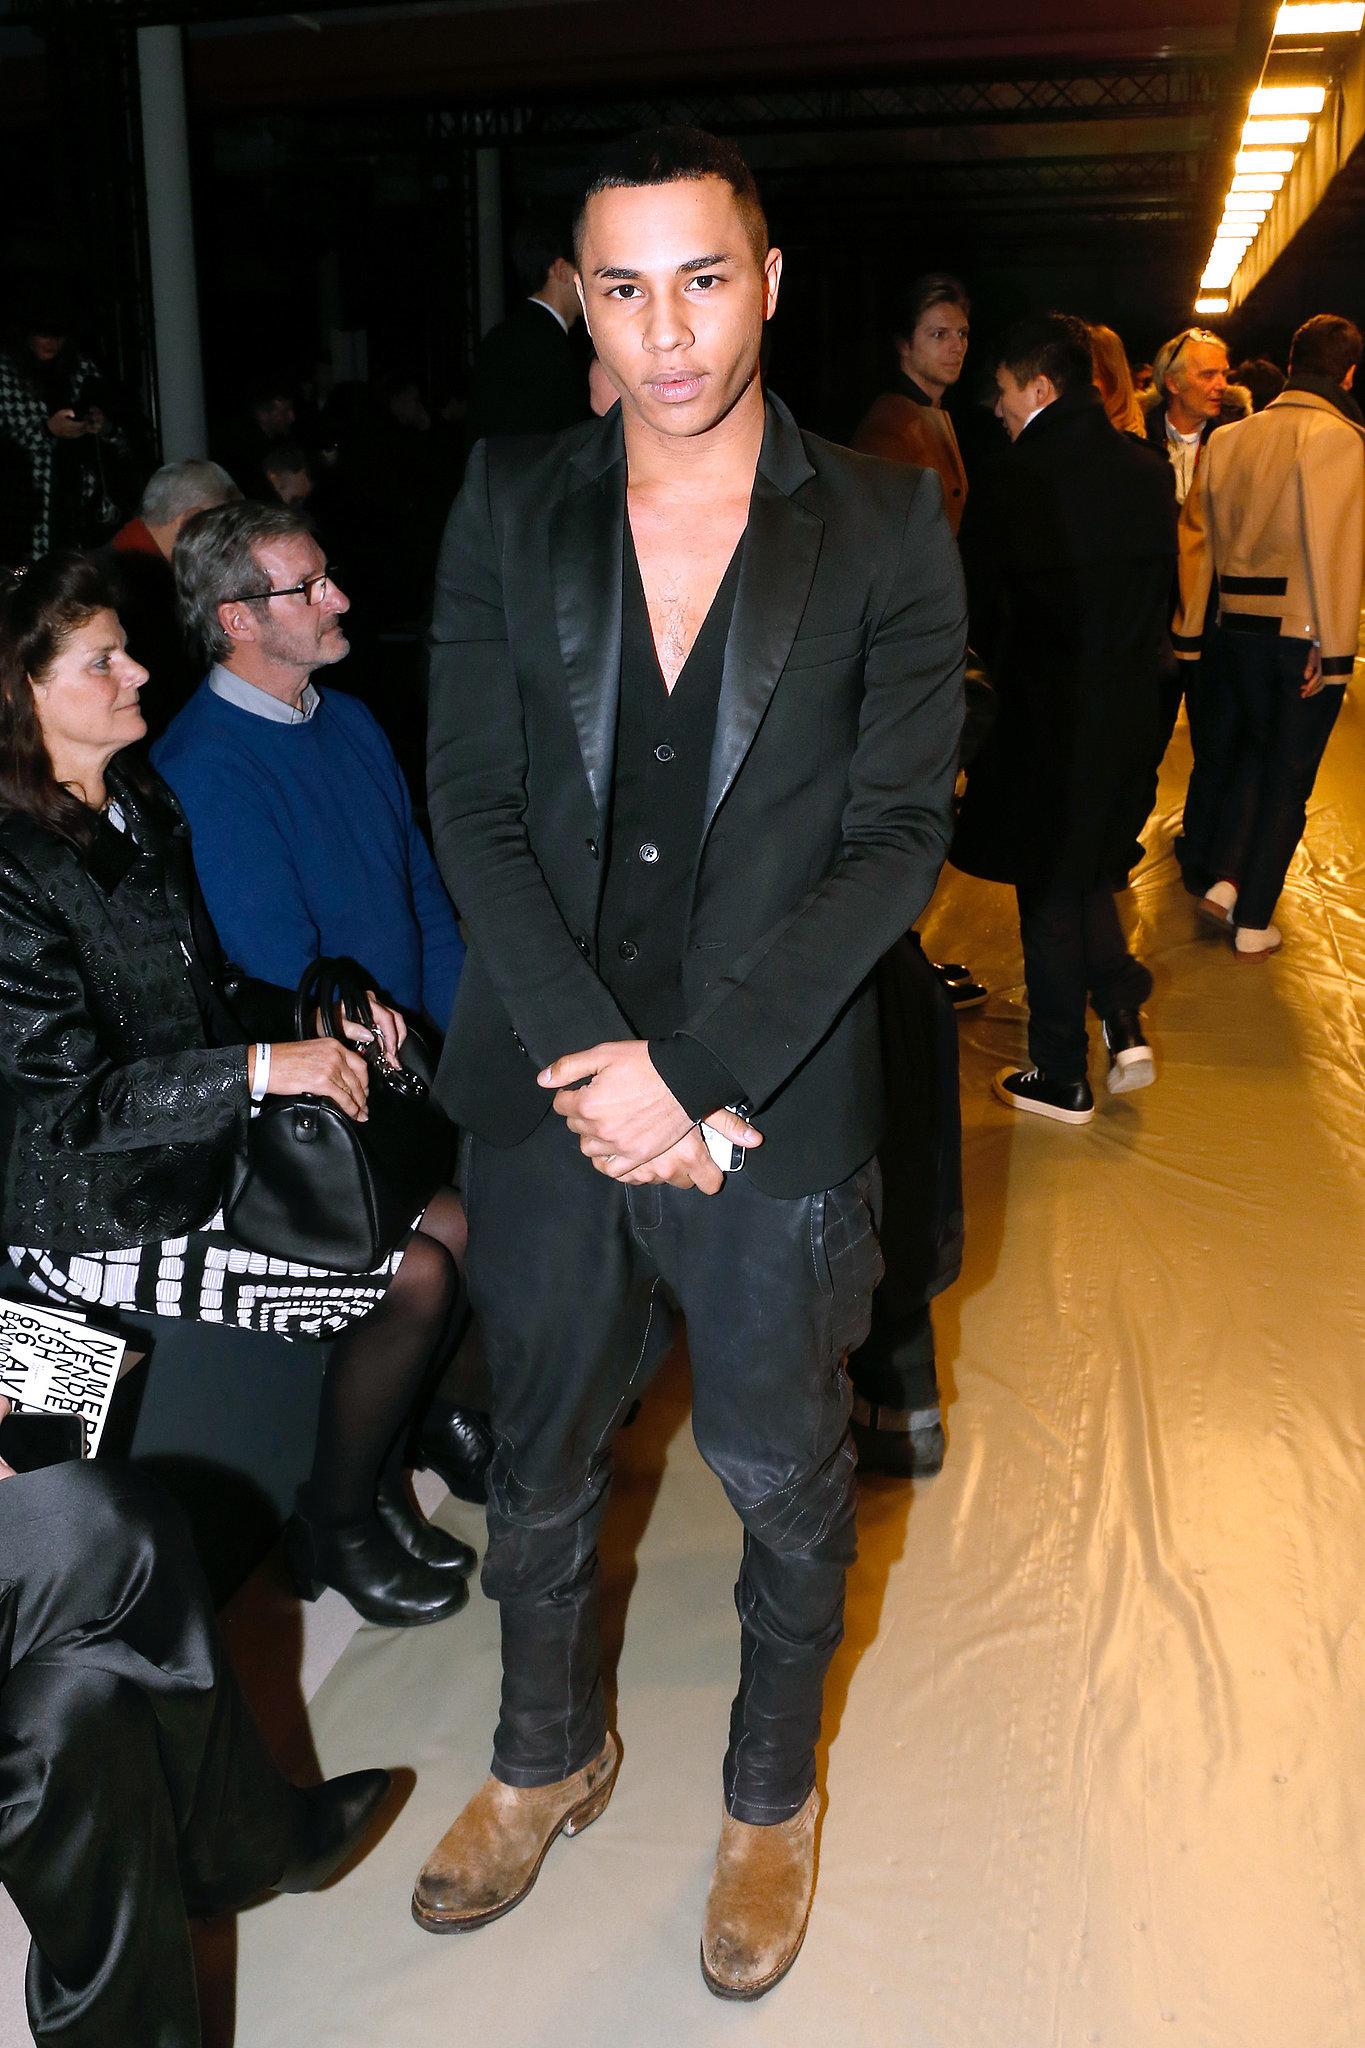 Olivier Rousteing at the Krisvanassche menswear show.